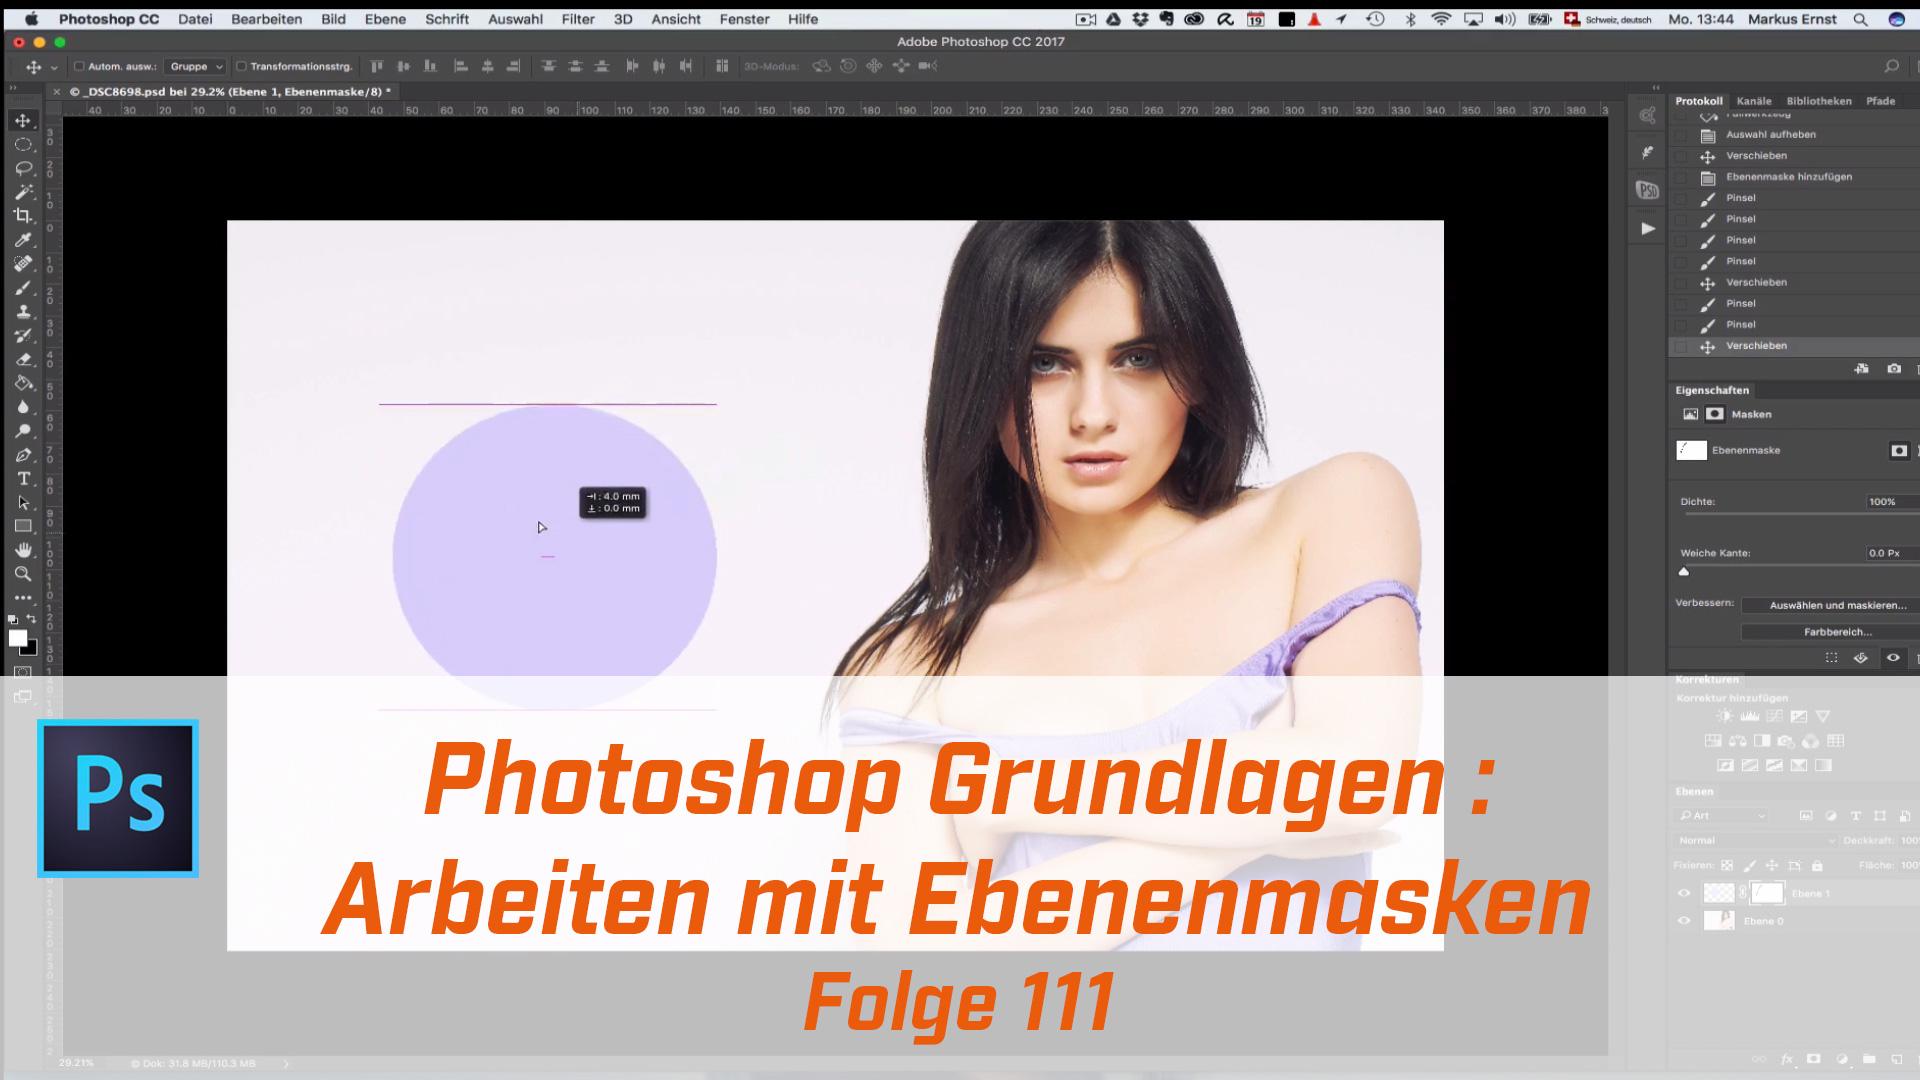 Photoshop Grundlagen : Ebenemasken